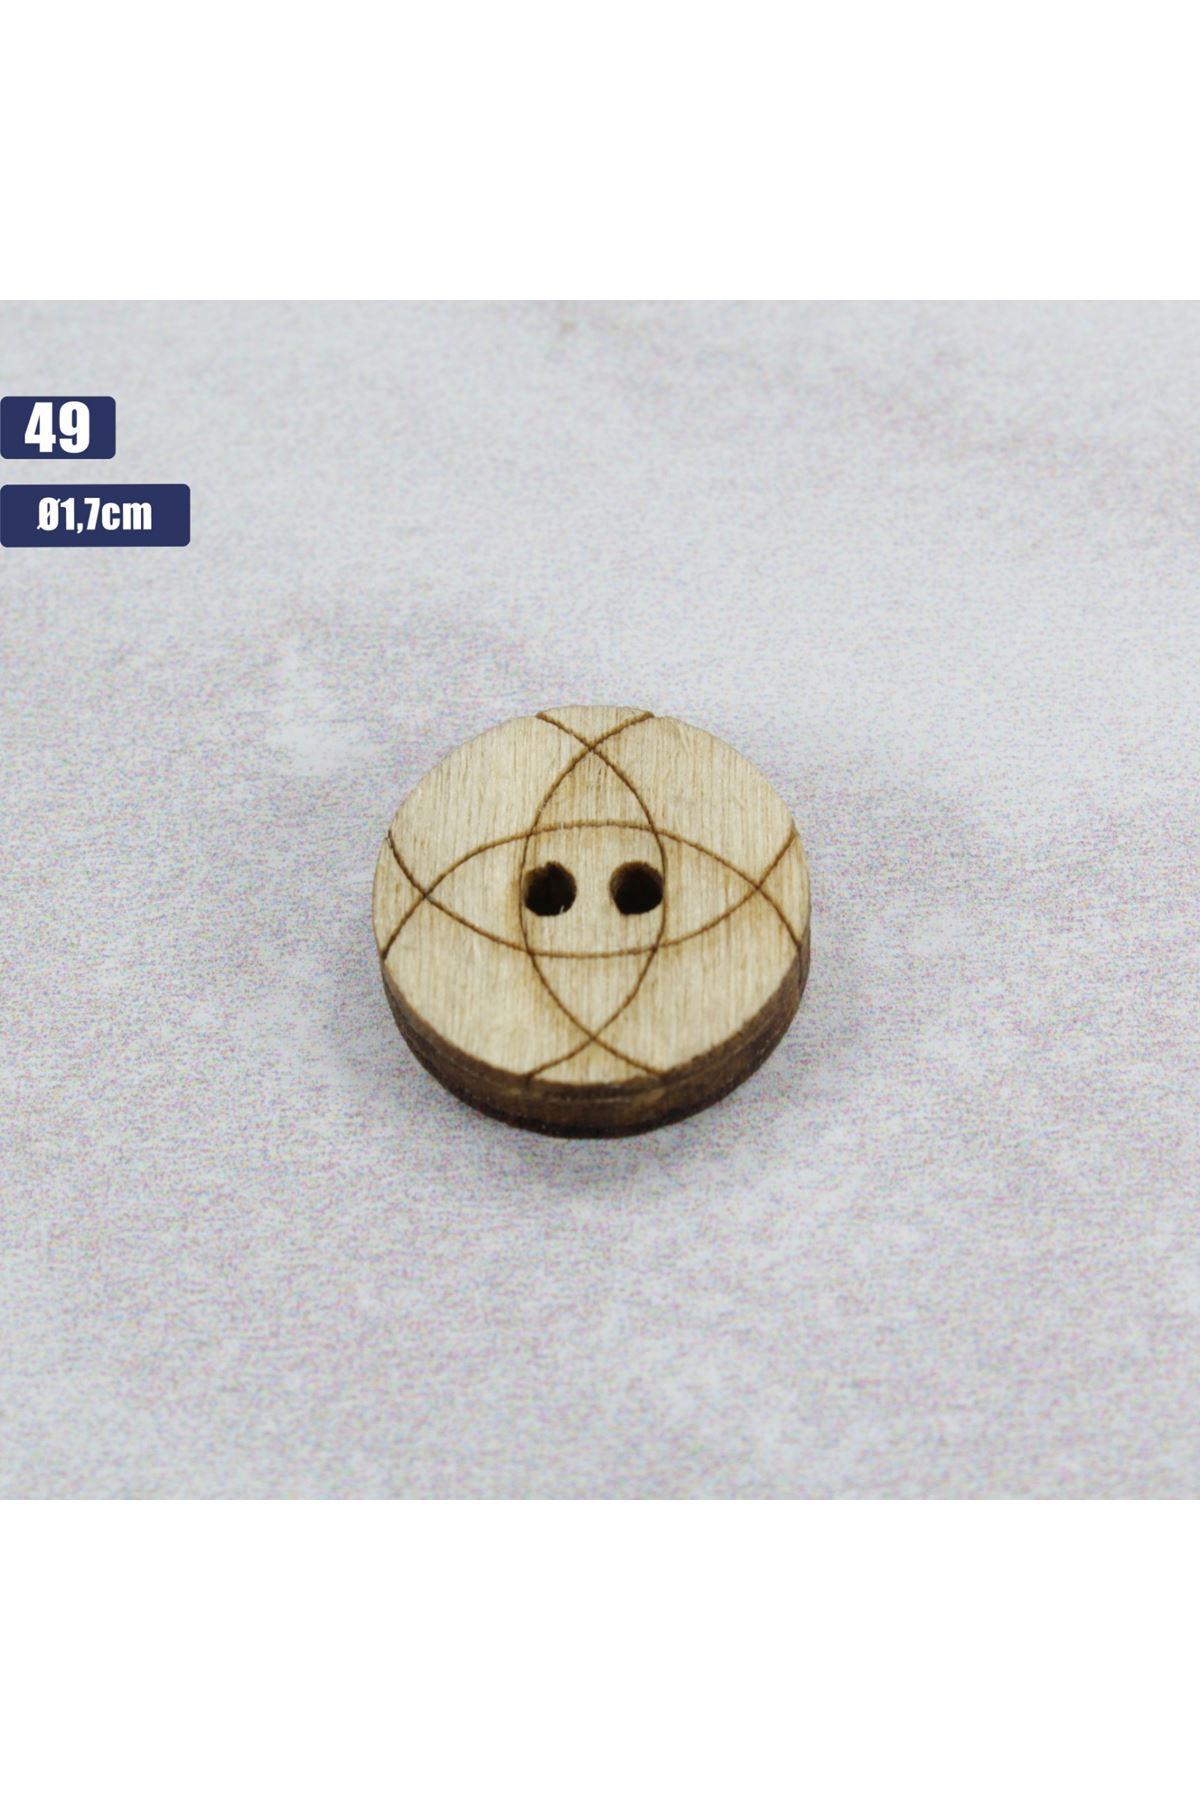 Düğme 1 Adet - 49